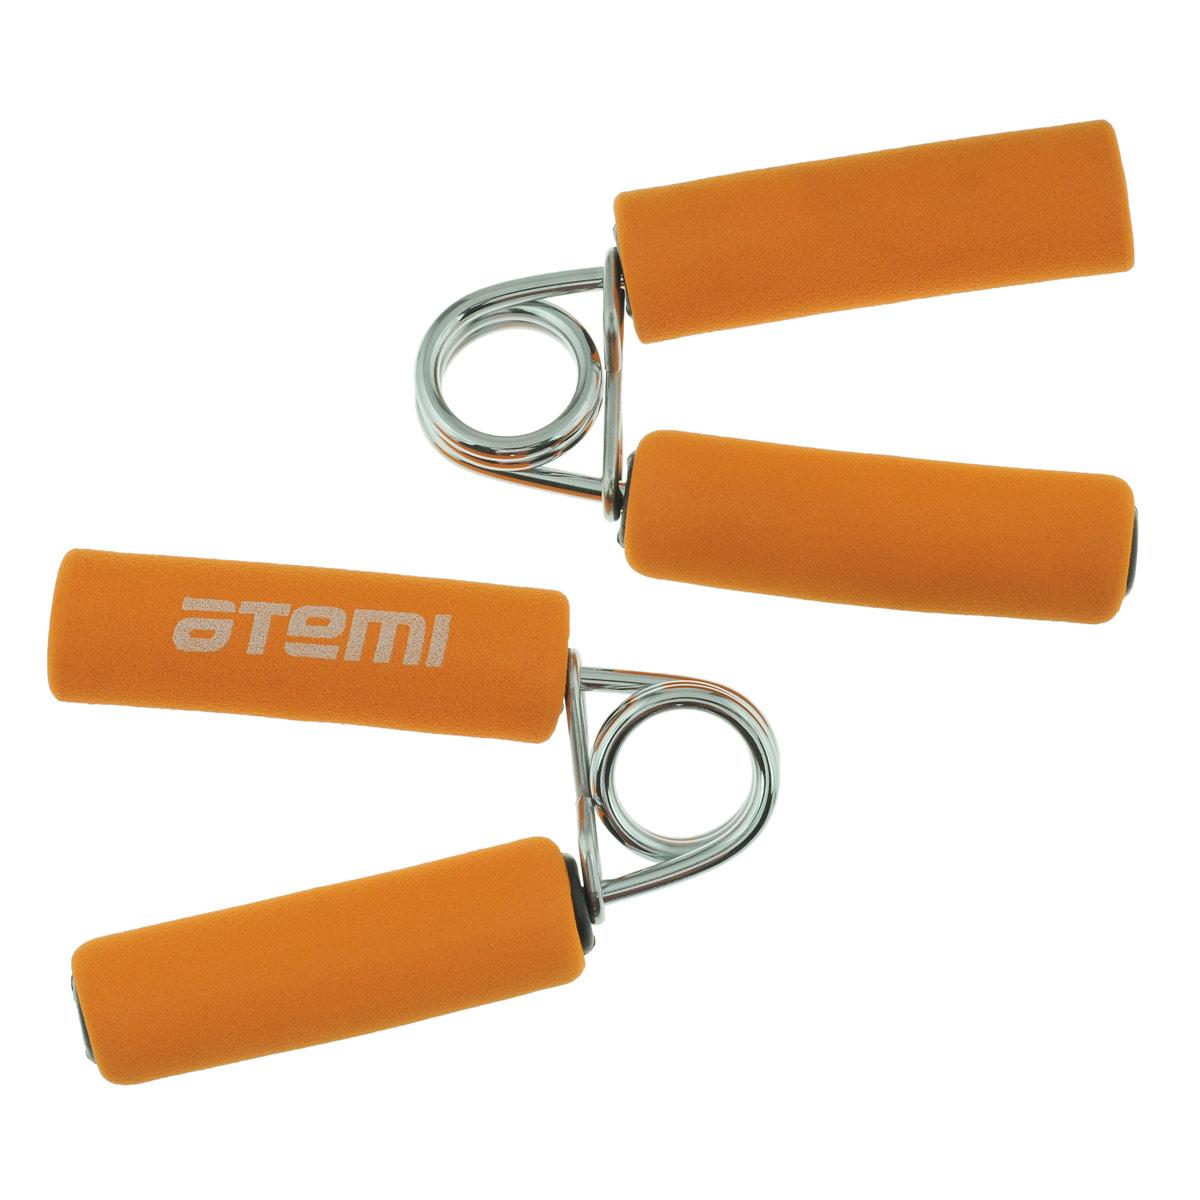 Эспандер кистевой Atemi, цвет: оранжевый, 2 шт. AHG-02 сумка для комплекта йоги atemi ays 02